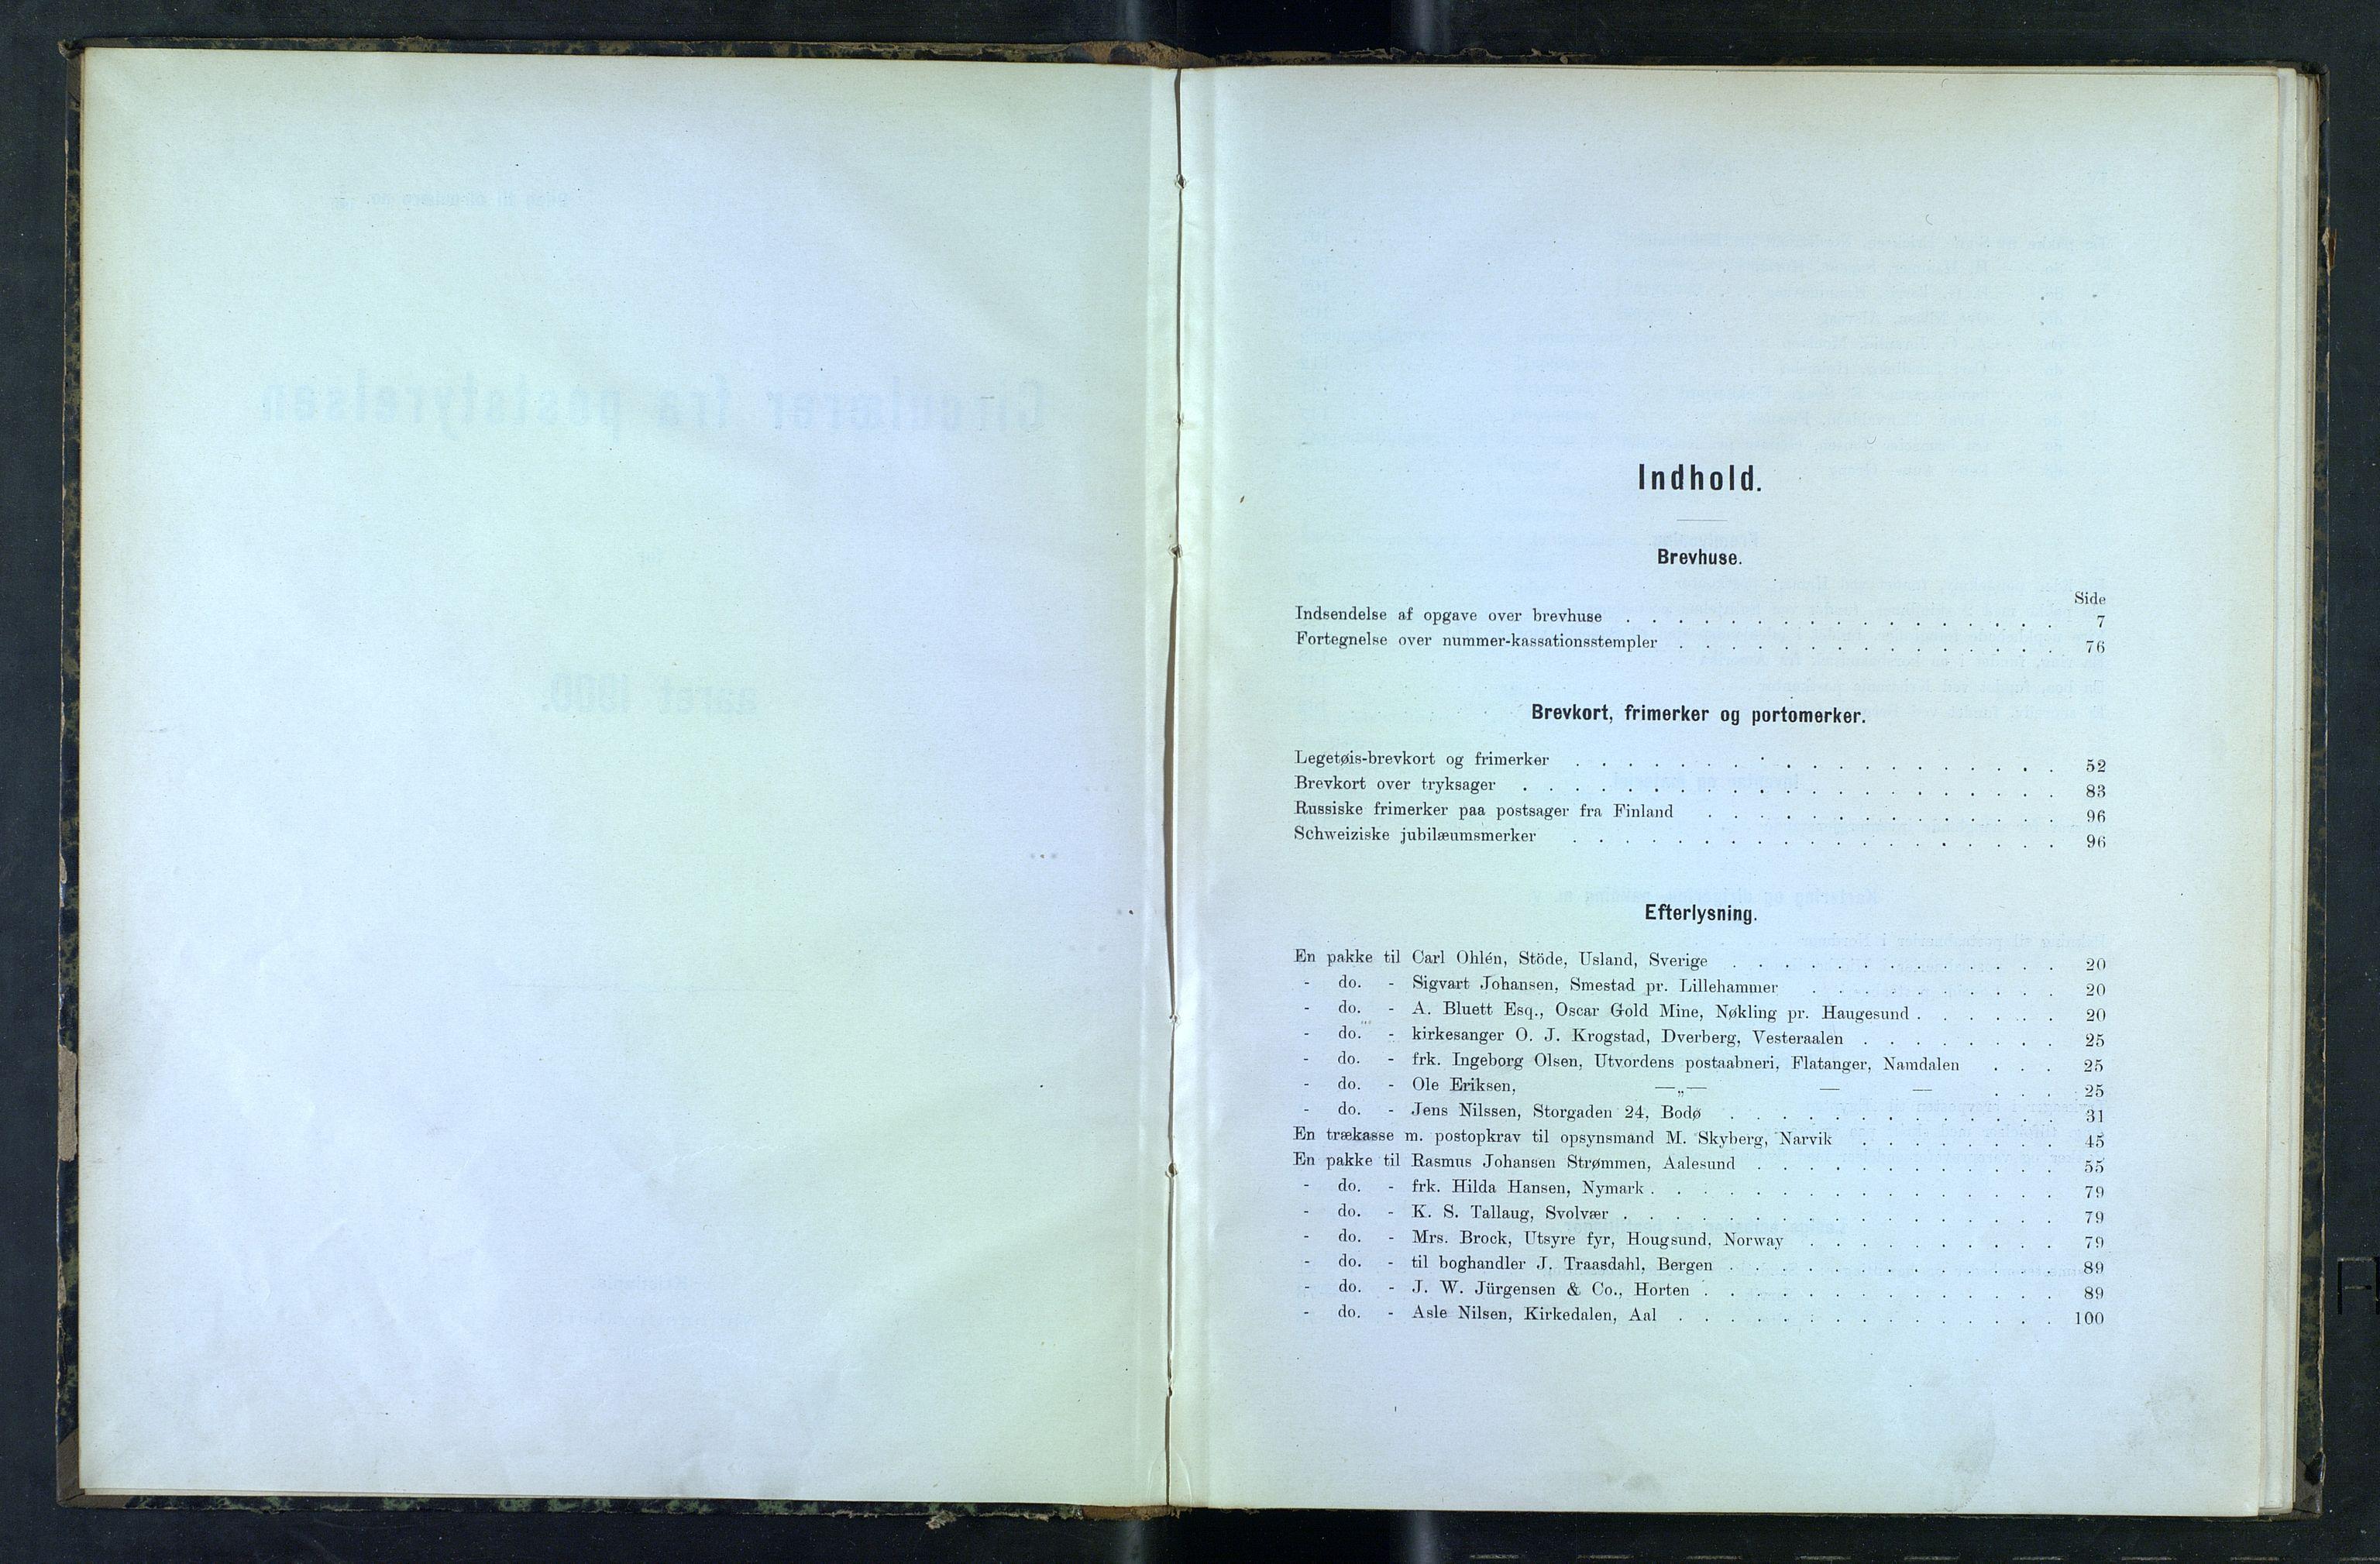 NOPO, Norges Postmuseums bibliotek, -/-: Sirkulærer fra Poststyrelsen, 1900